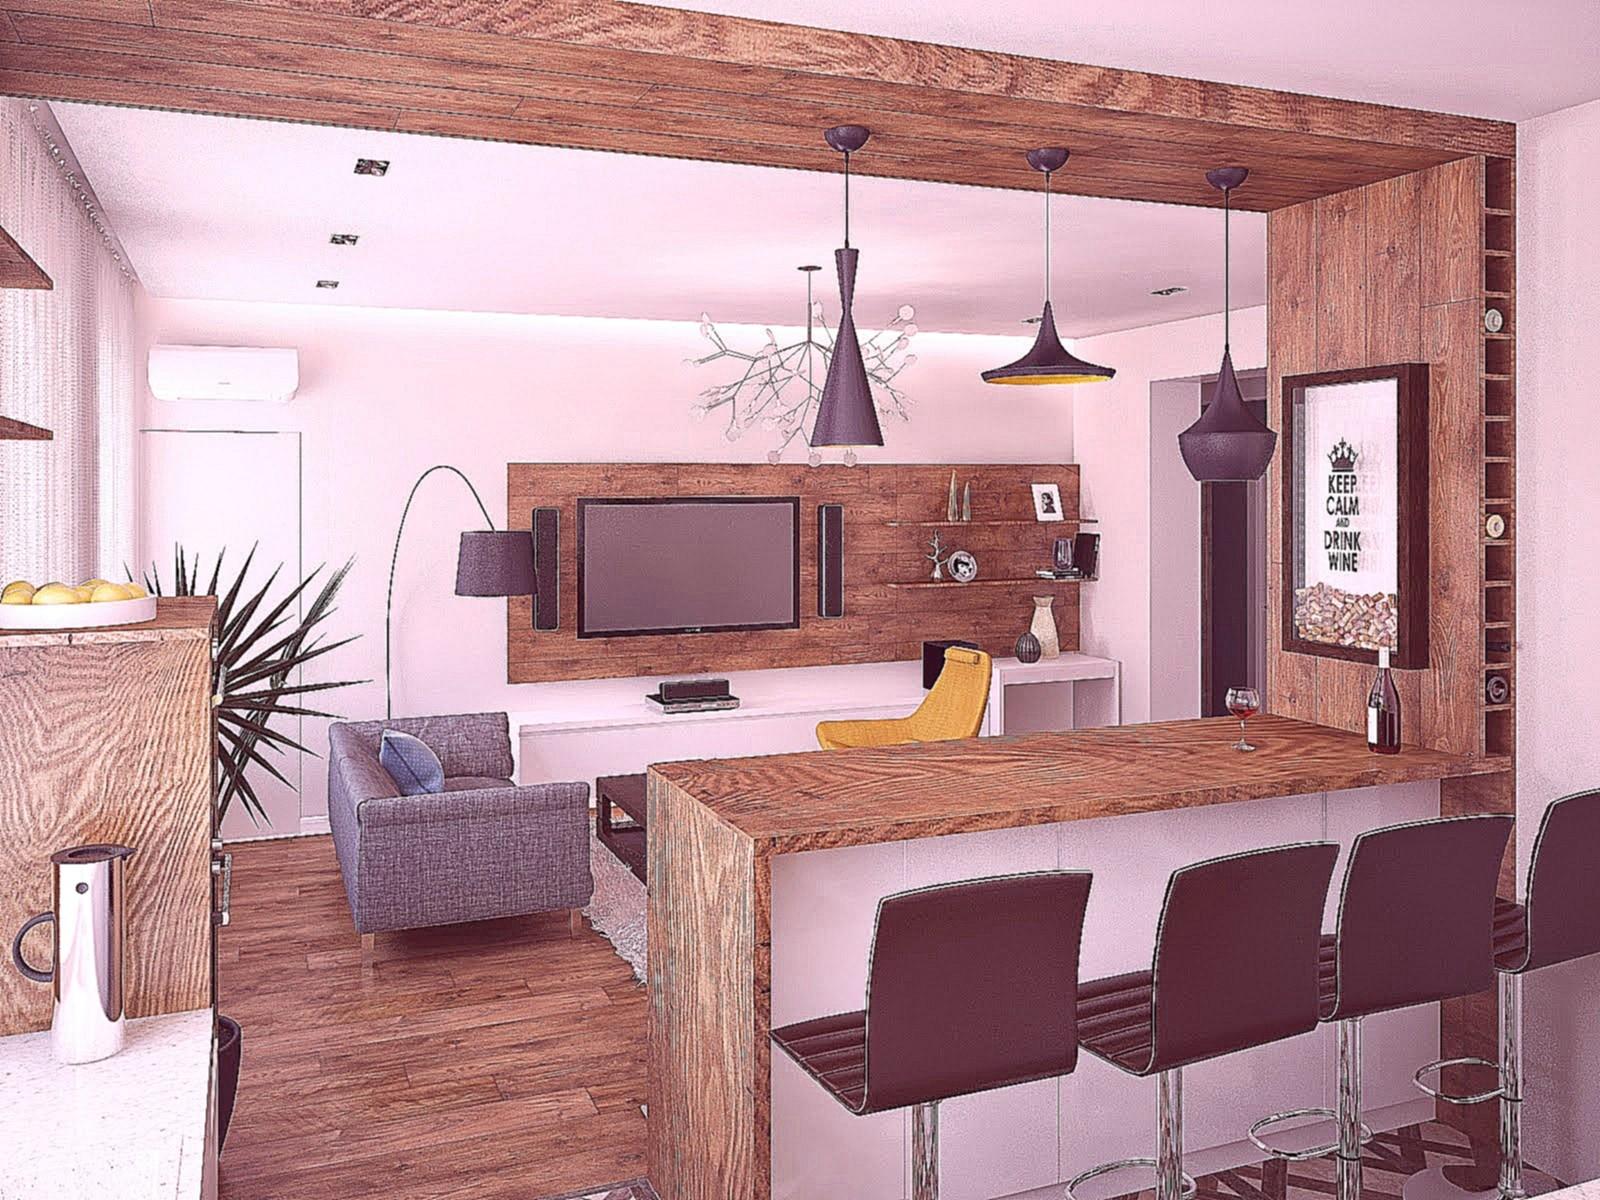 кухня совмещенная с залом дизайн фото